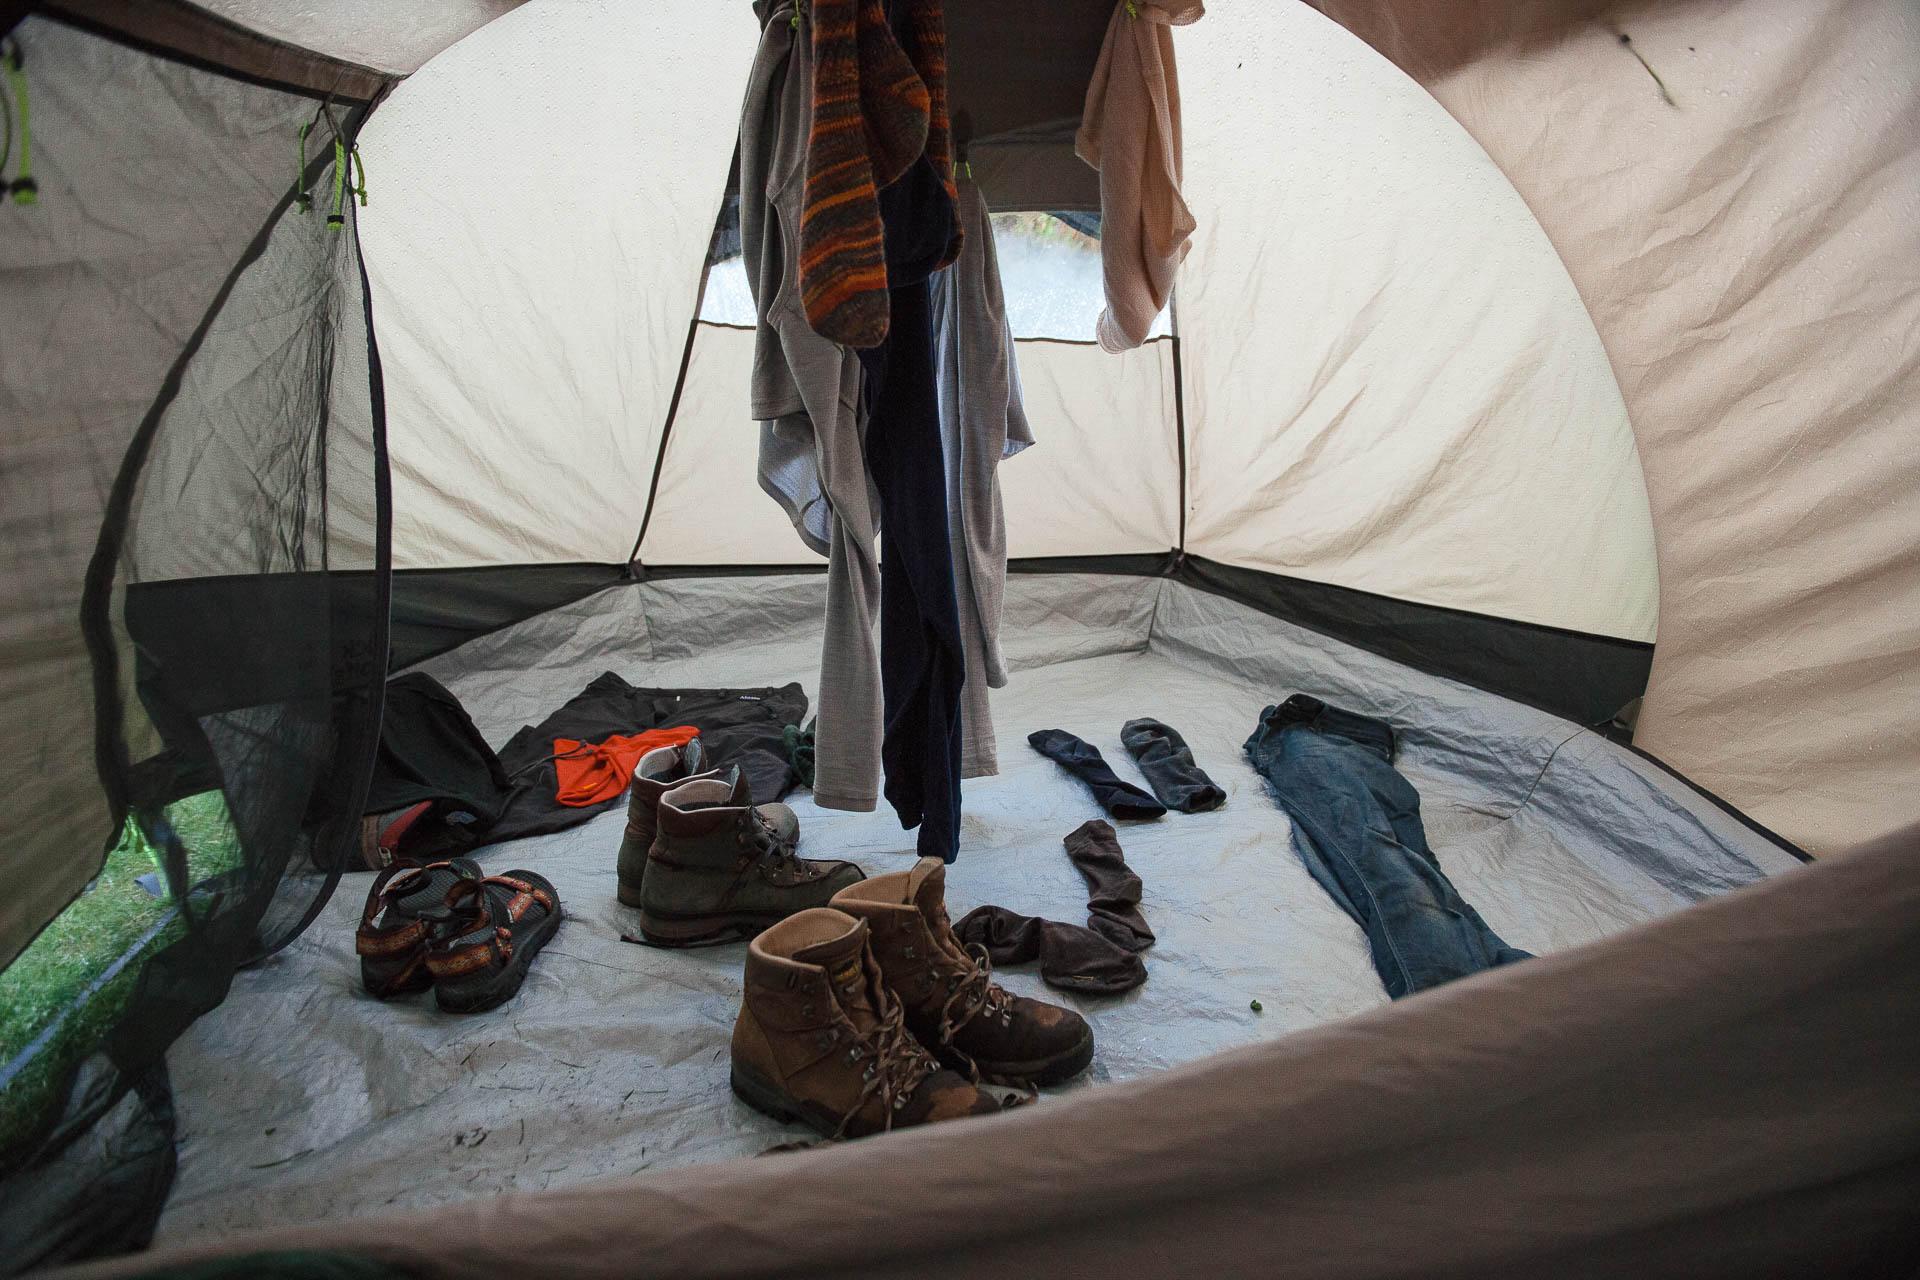 Fotostory von Redeleit und Junker - Klamotten und Schuhe trocknen im Zelt in Island